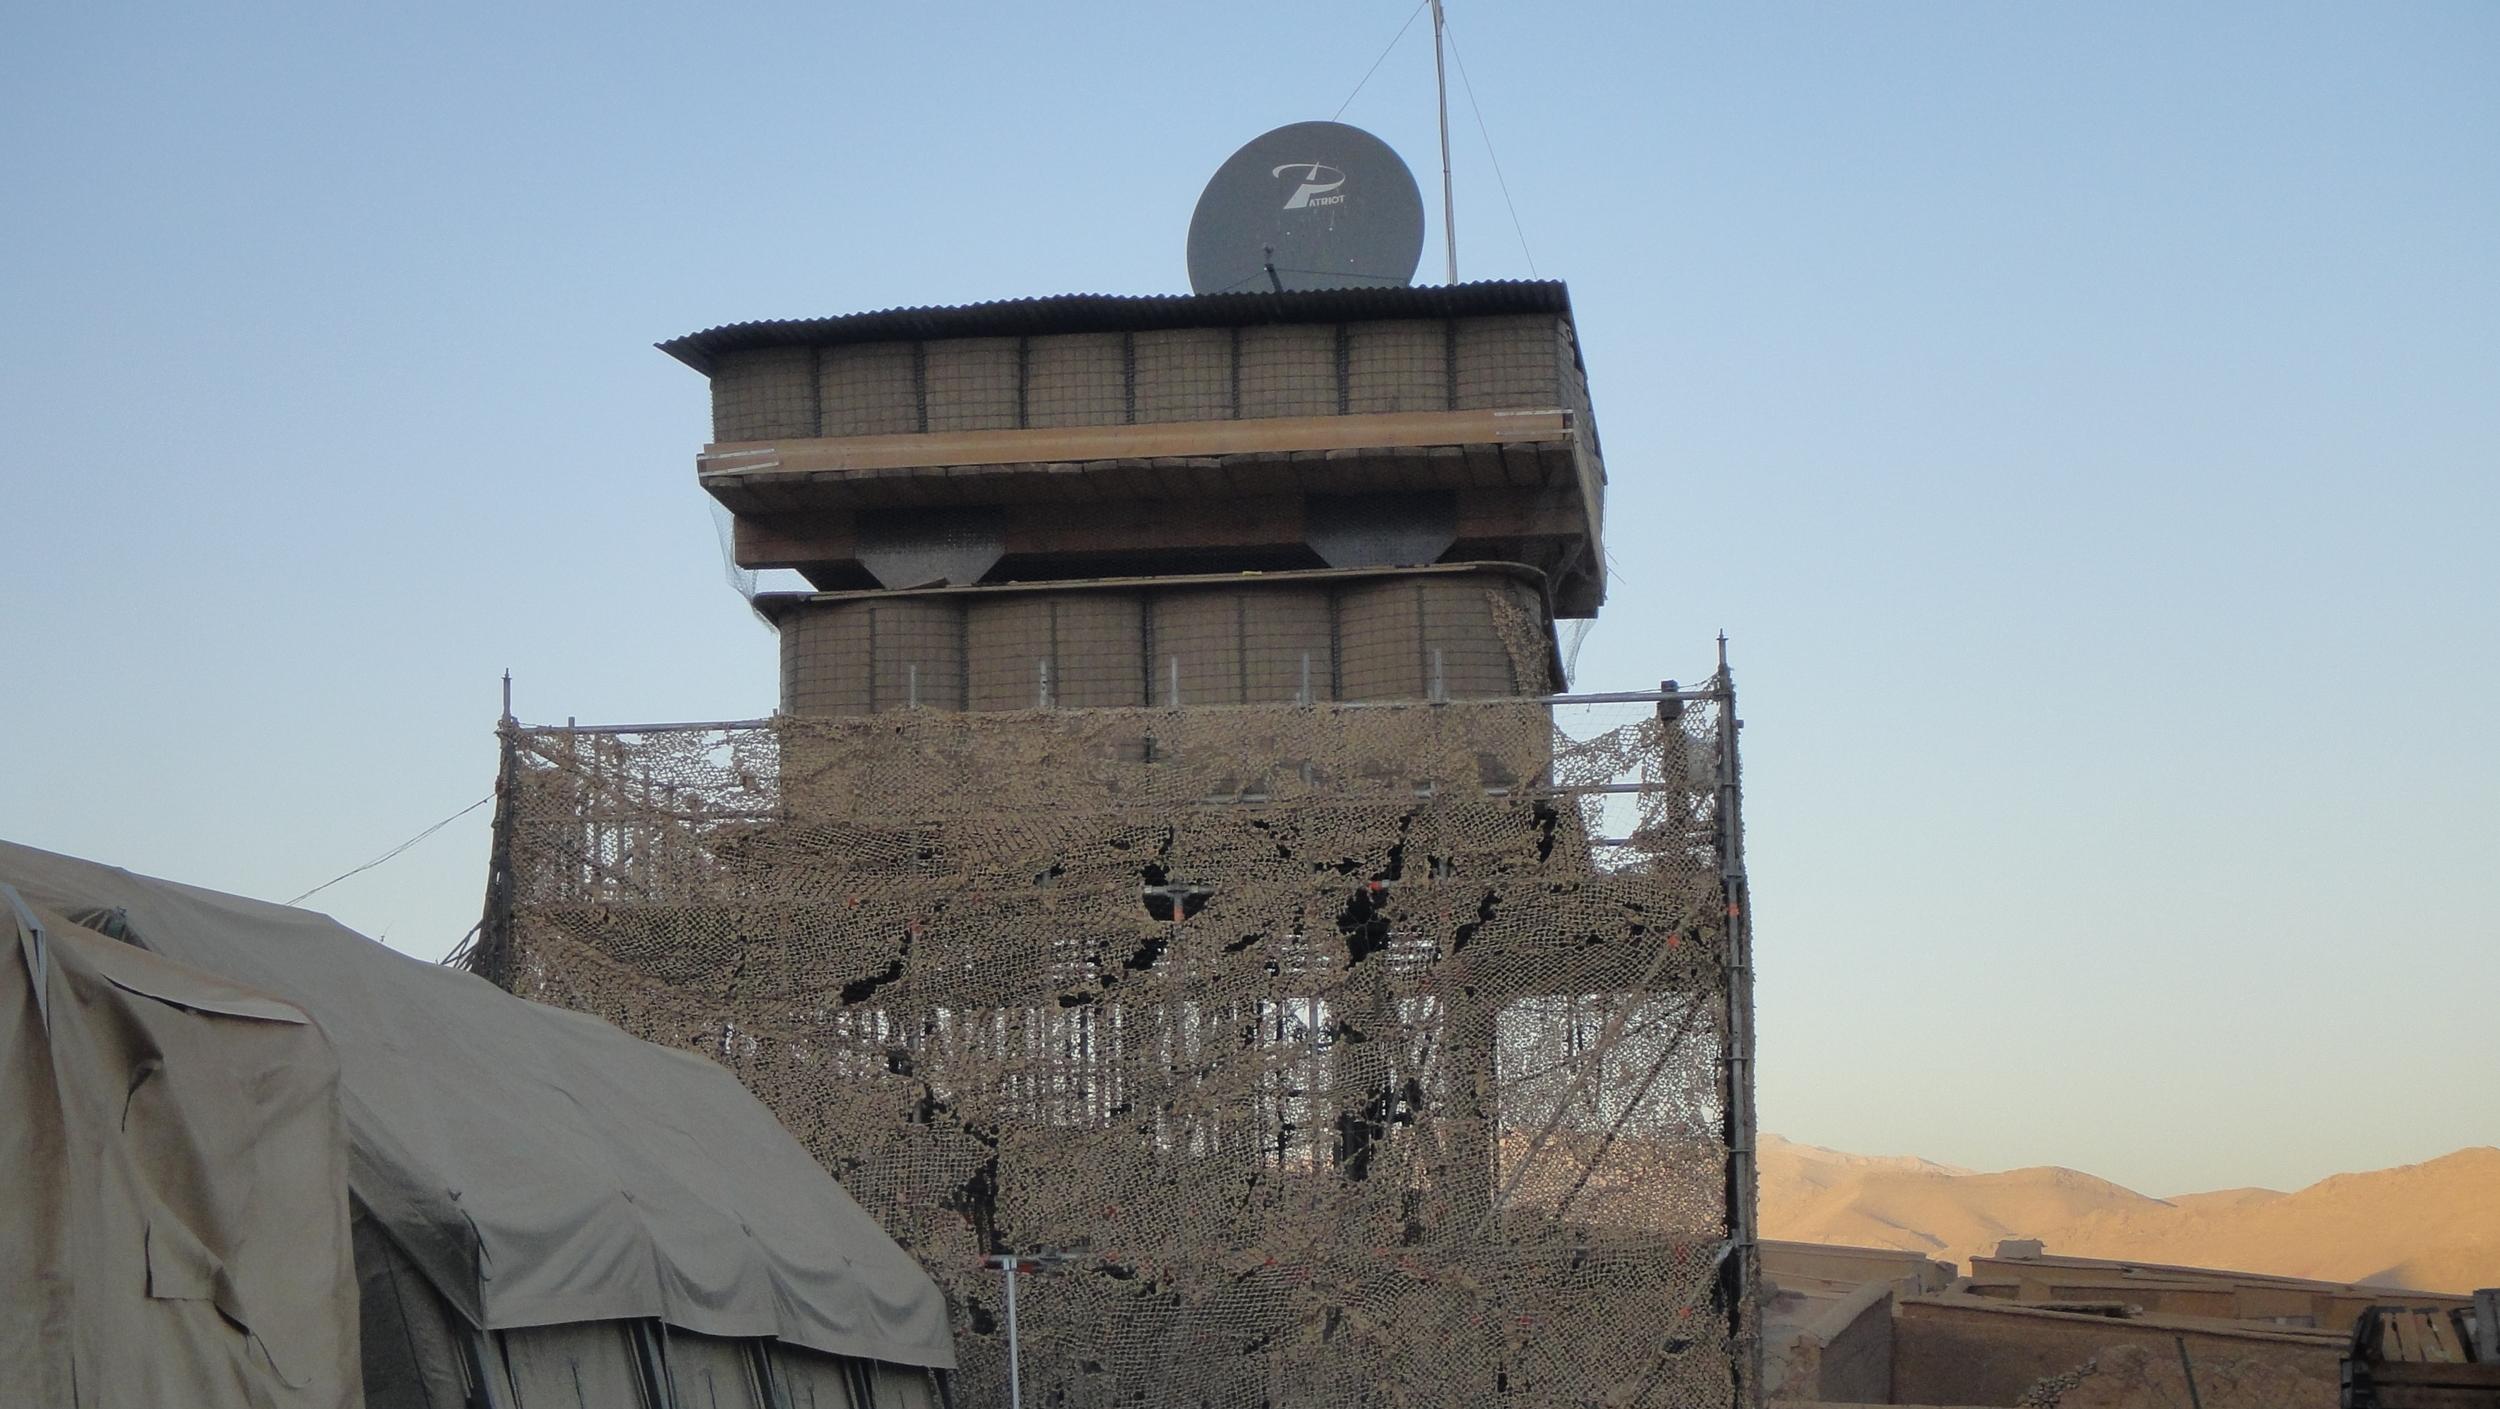 Afghanistan observation tower